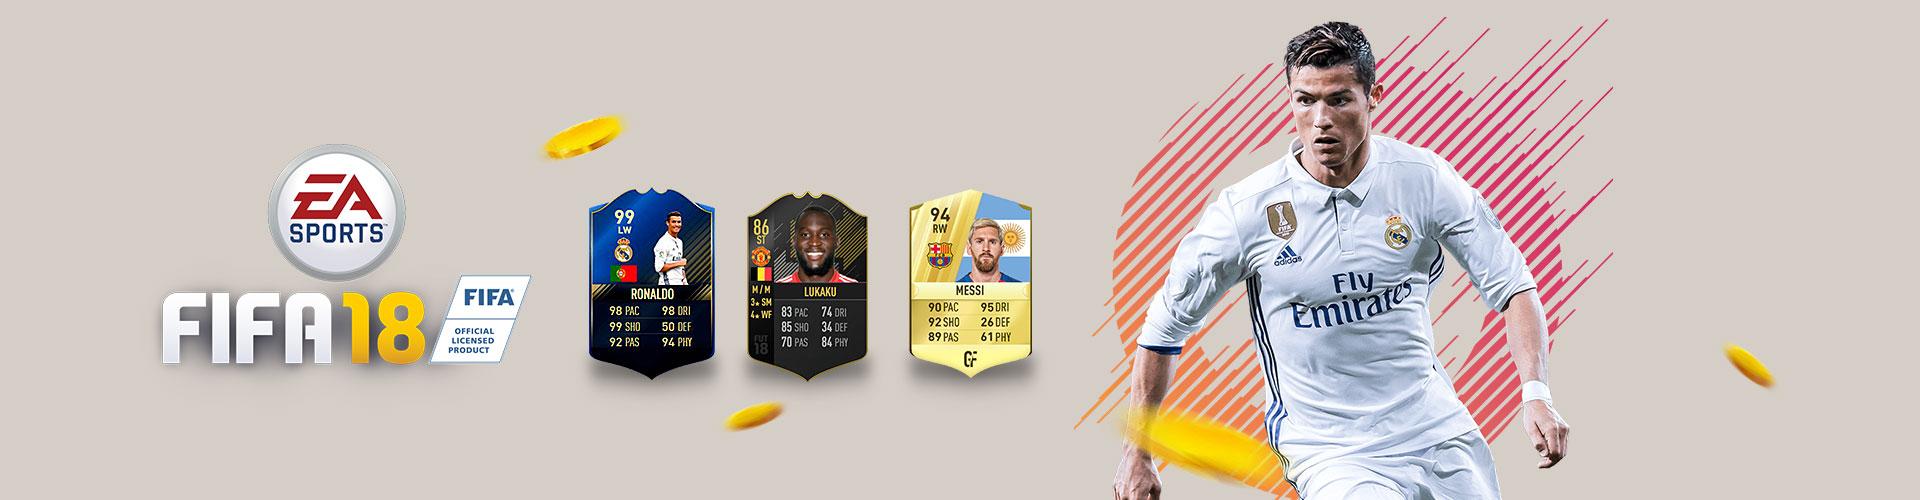 GVGMall FIFA18